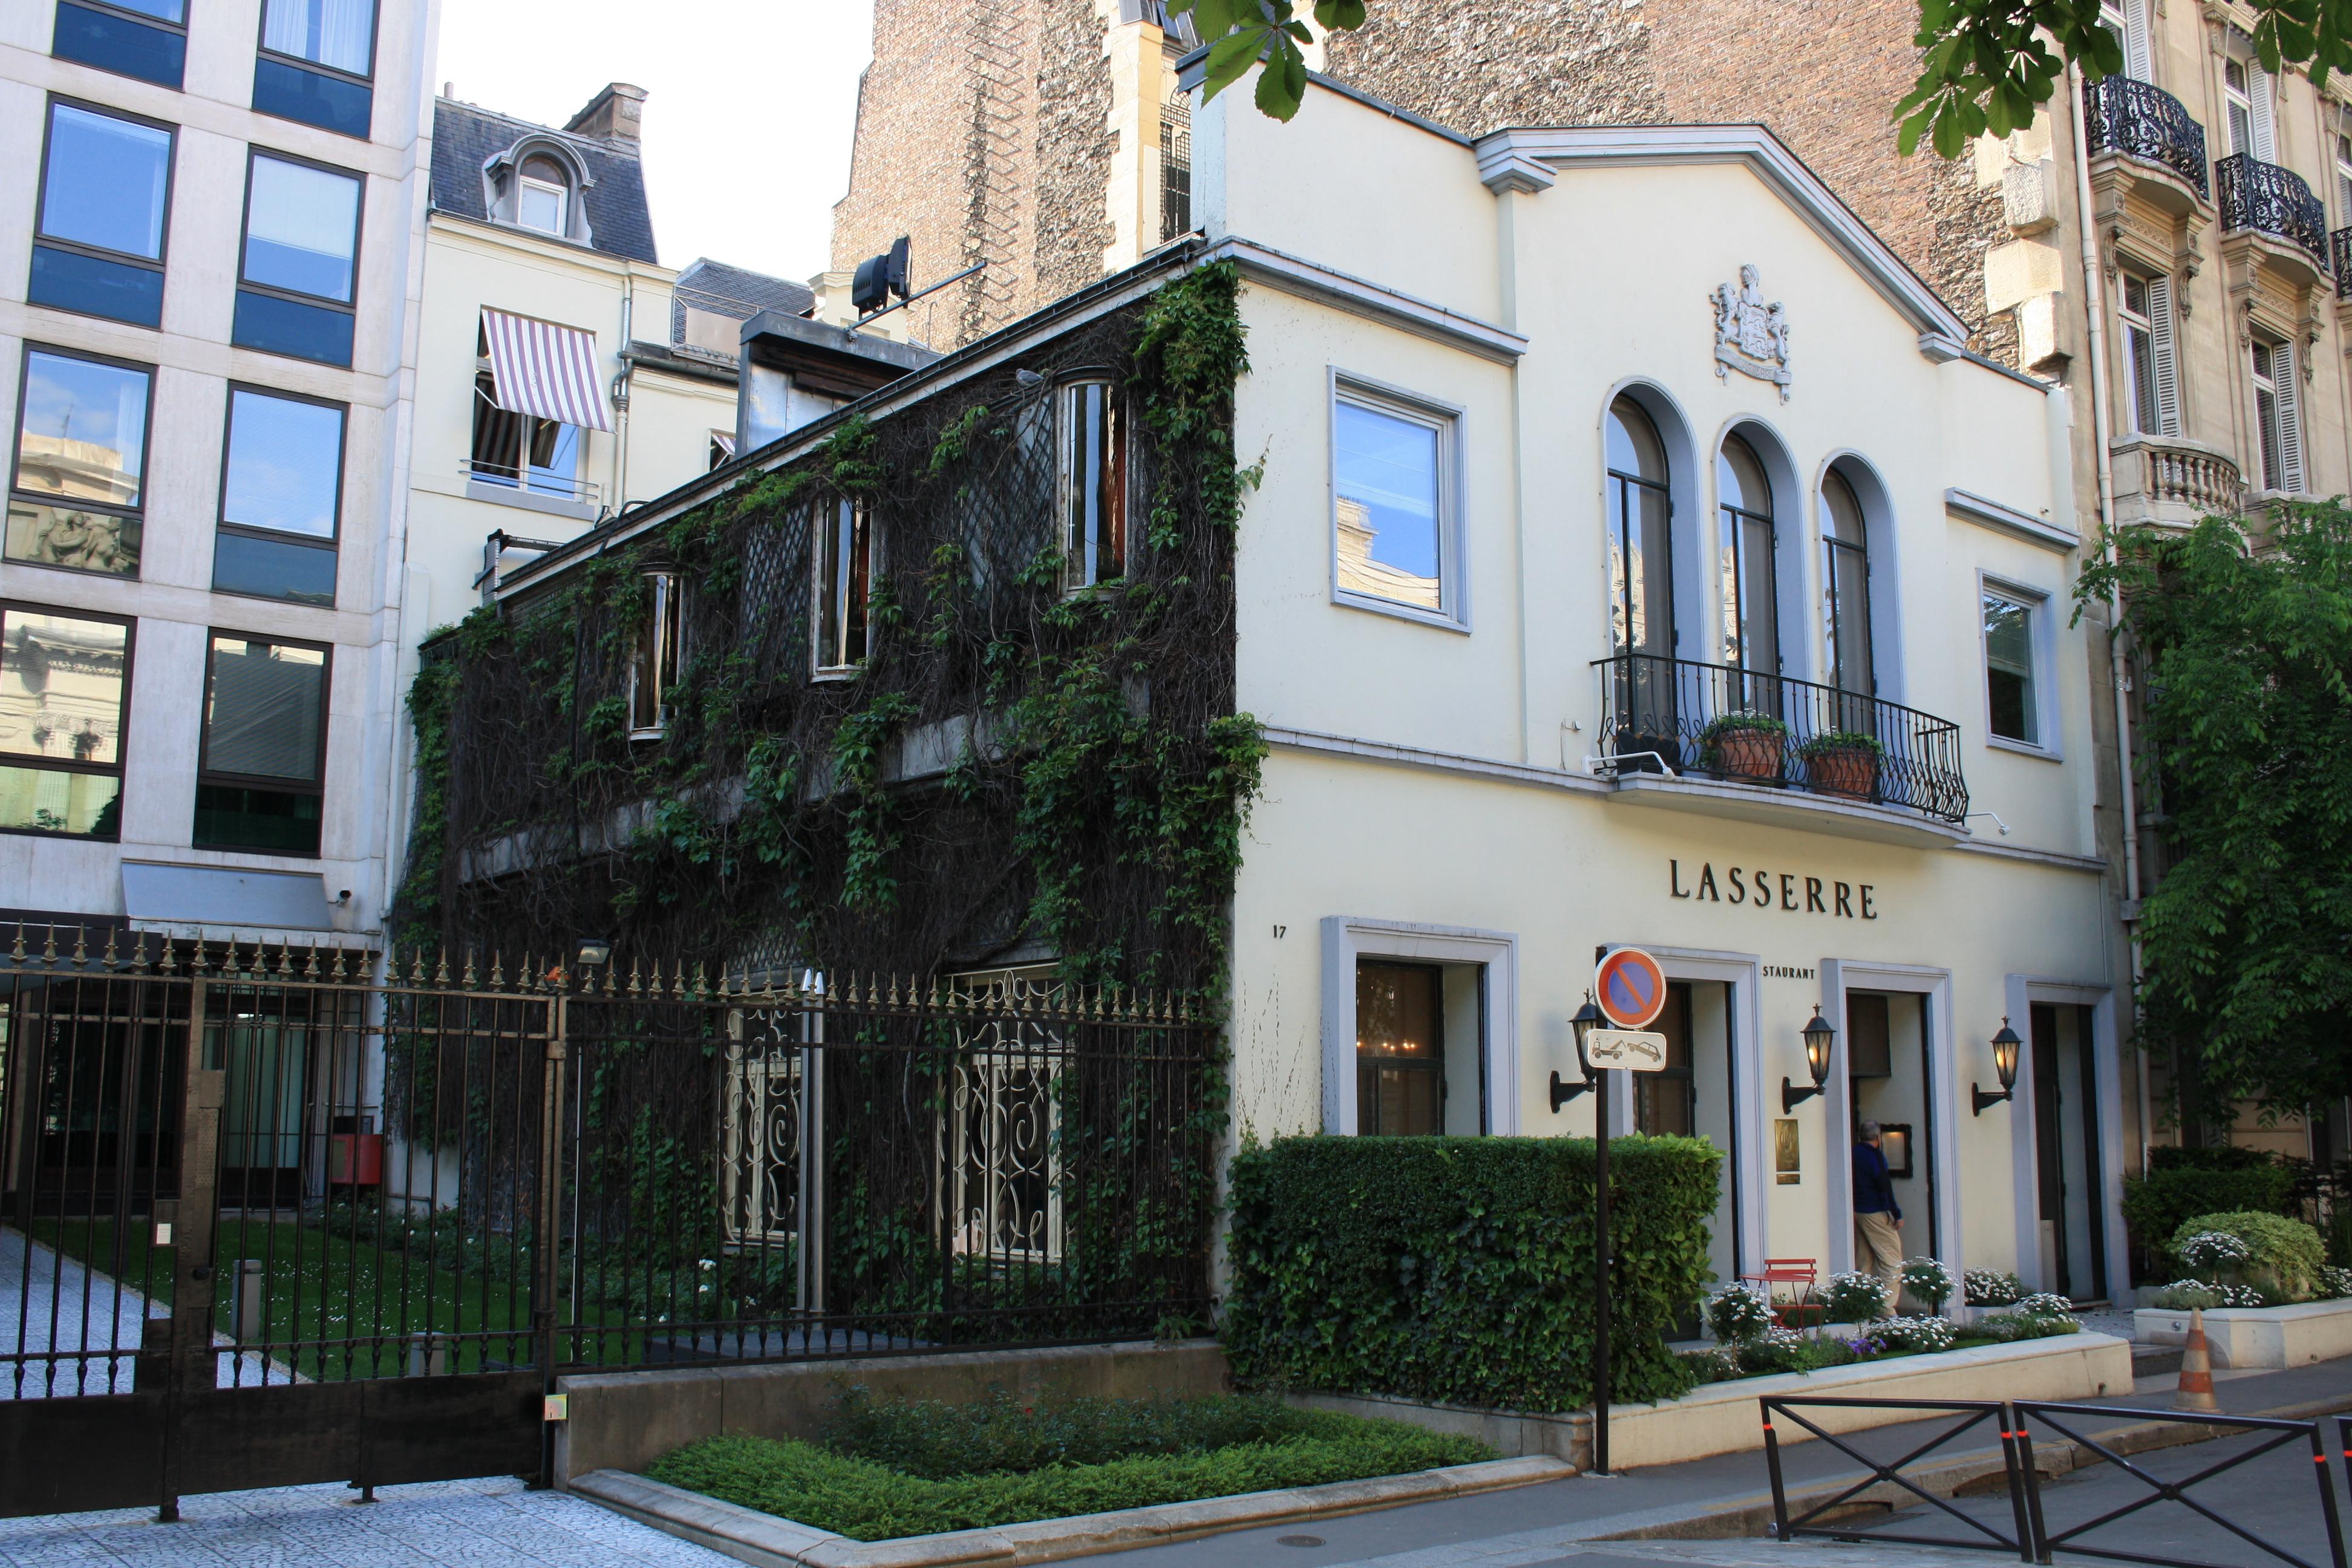 The Best Fine-Dining Restaurants In Paris Fine-Dining Restaurants The Best Fine-Dining Restaurants In Paris best fine dining restaurants paris 15